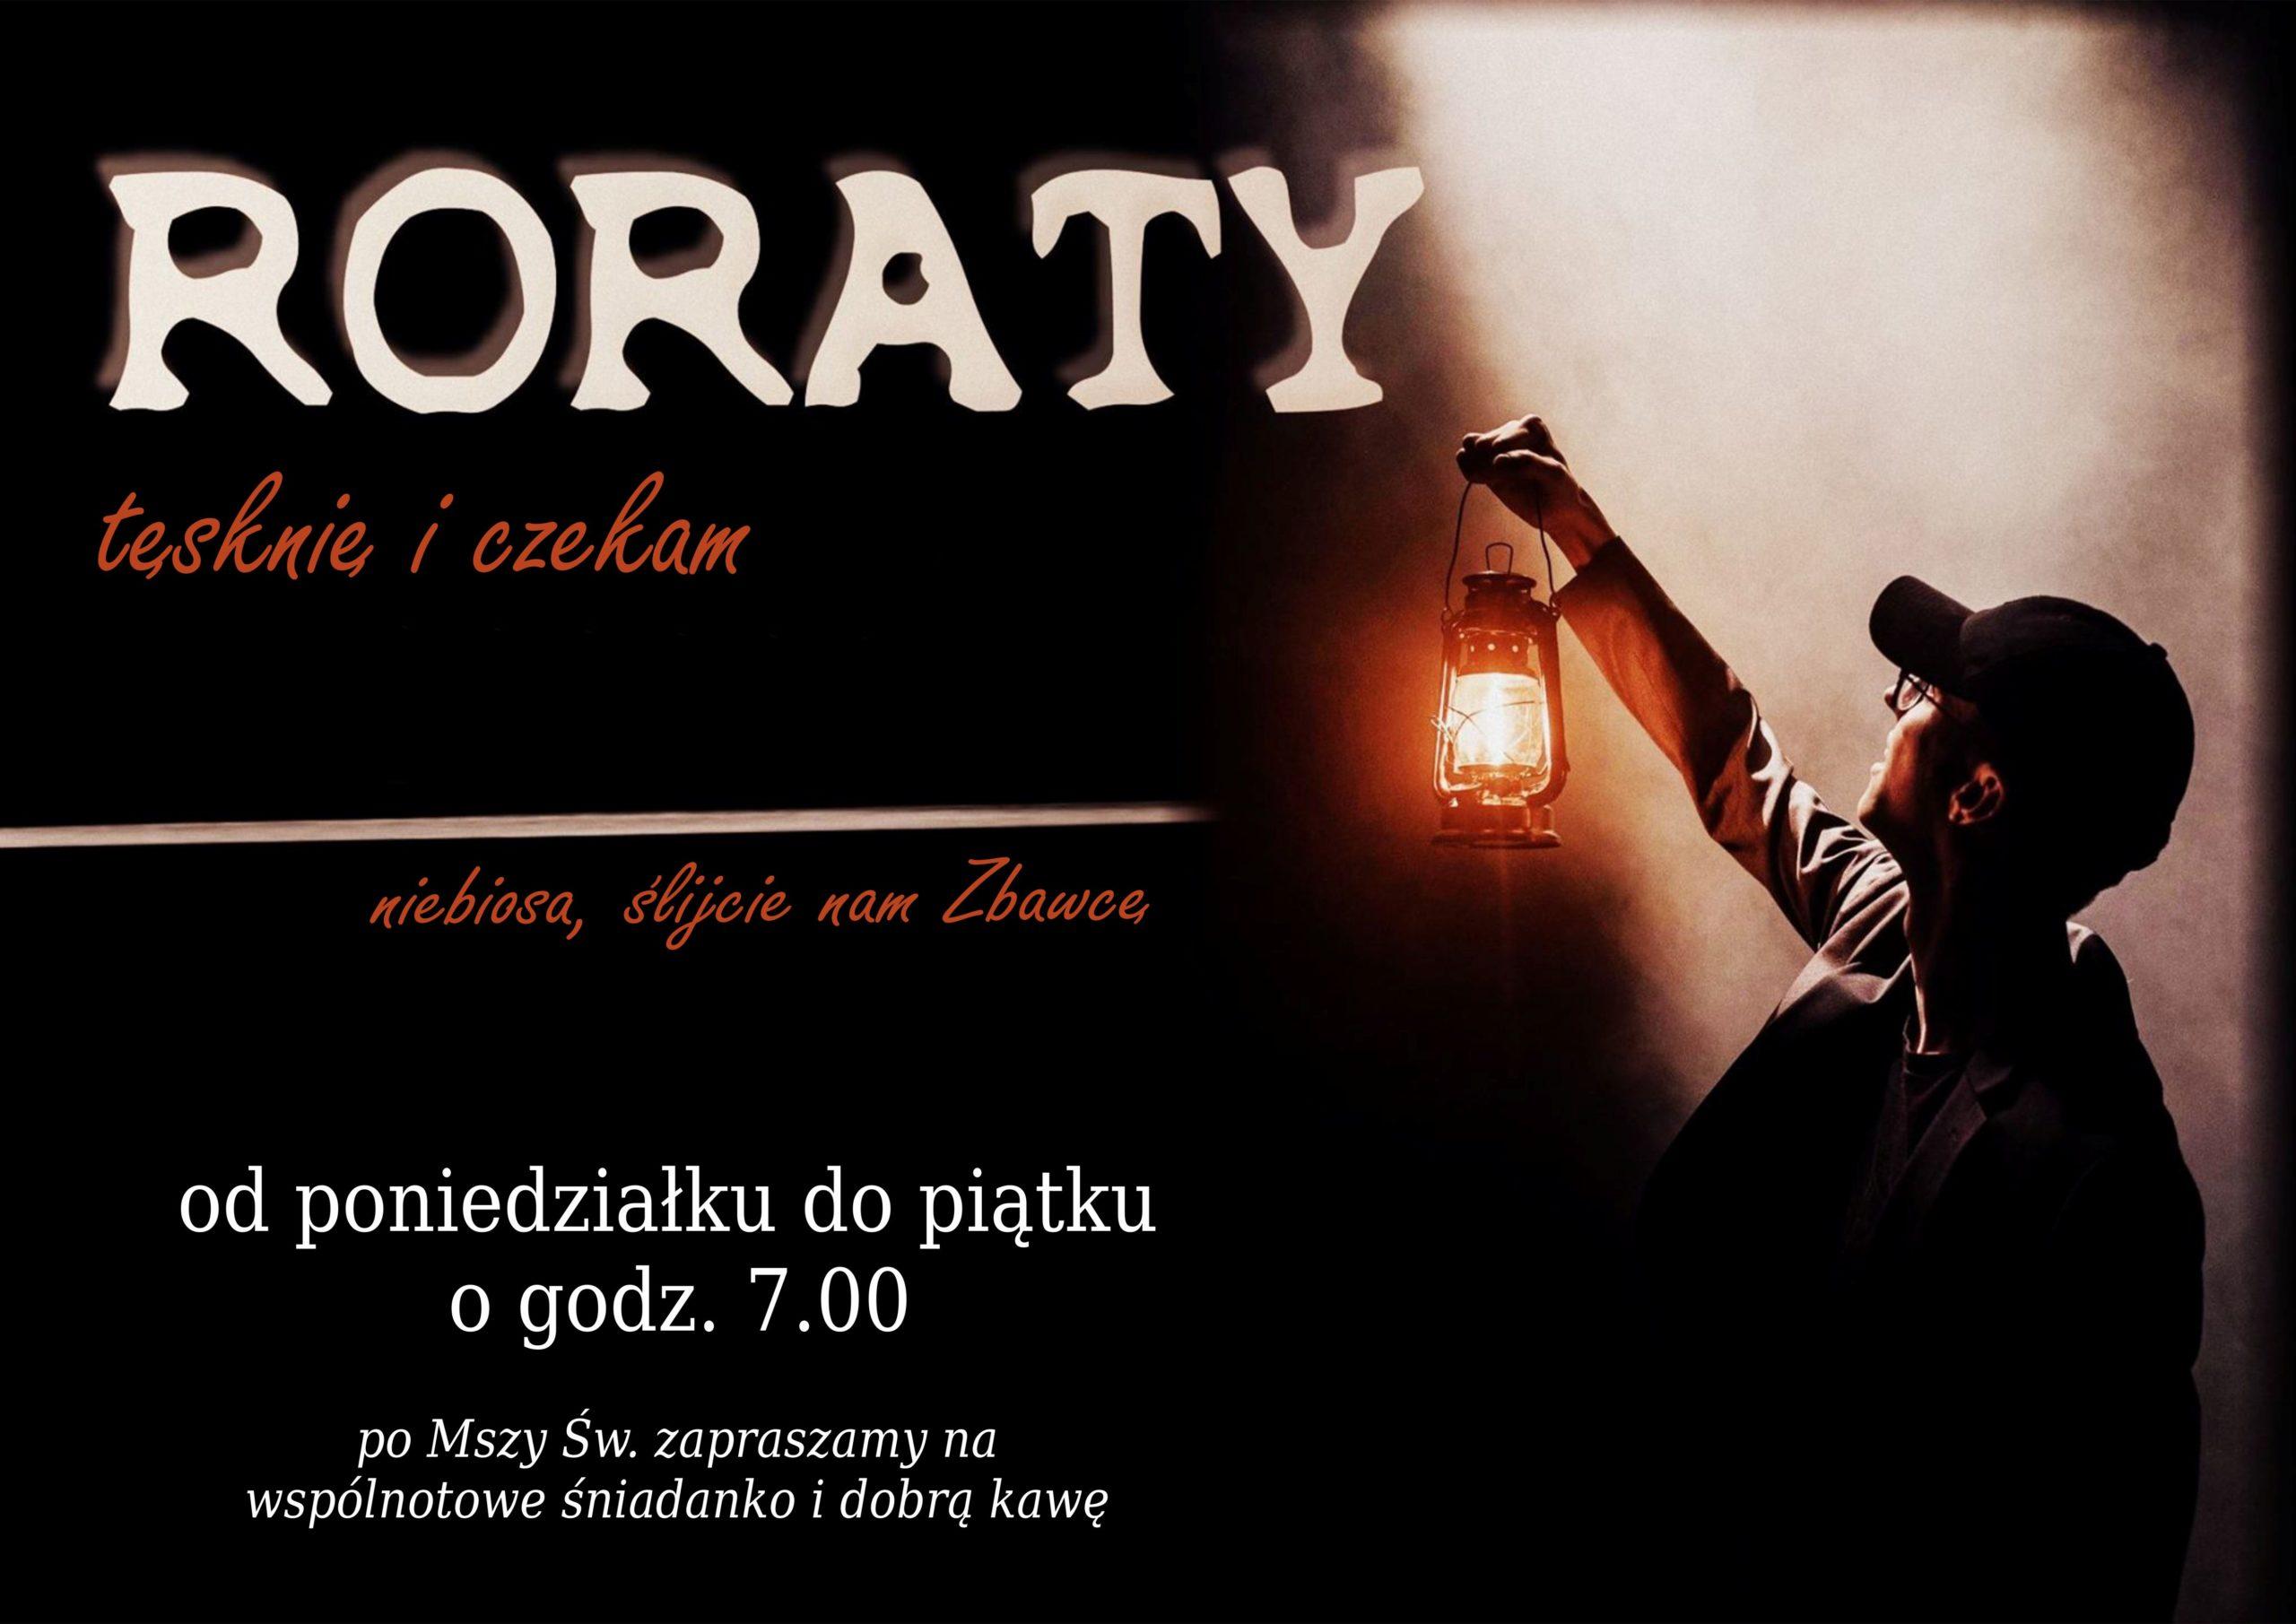 Zapraszamy na Roraty!